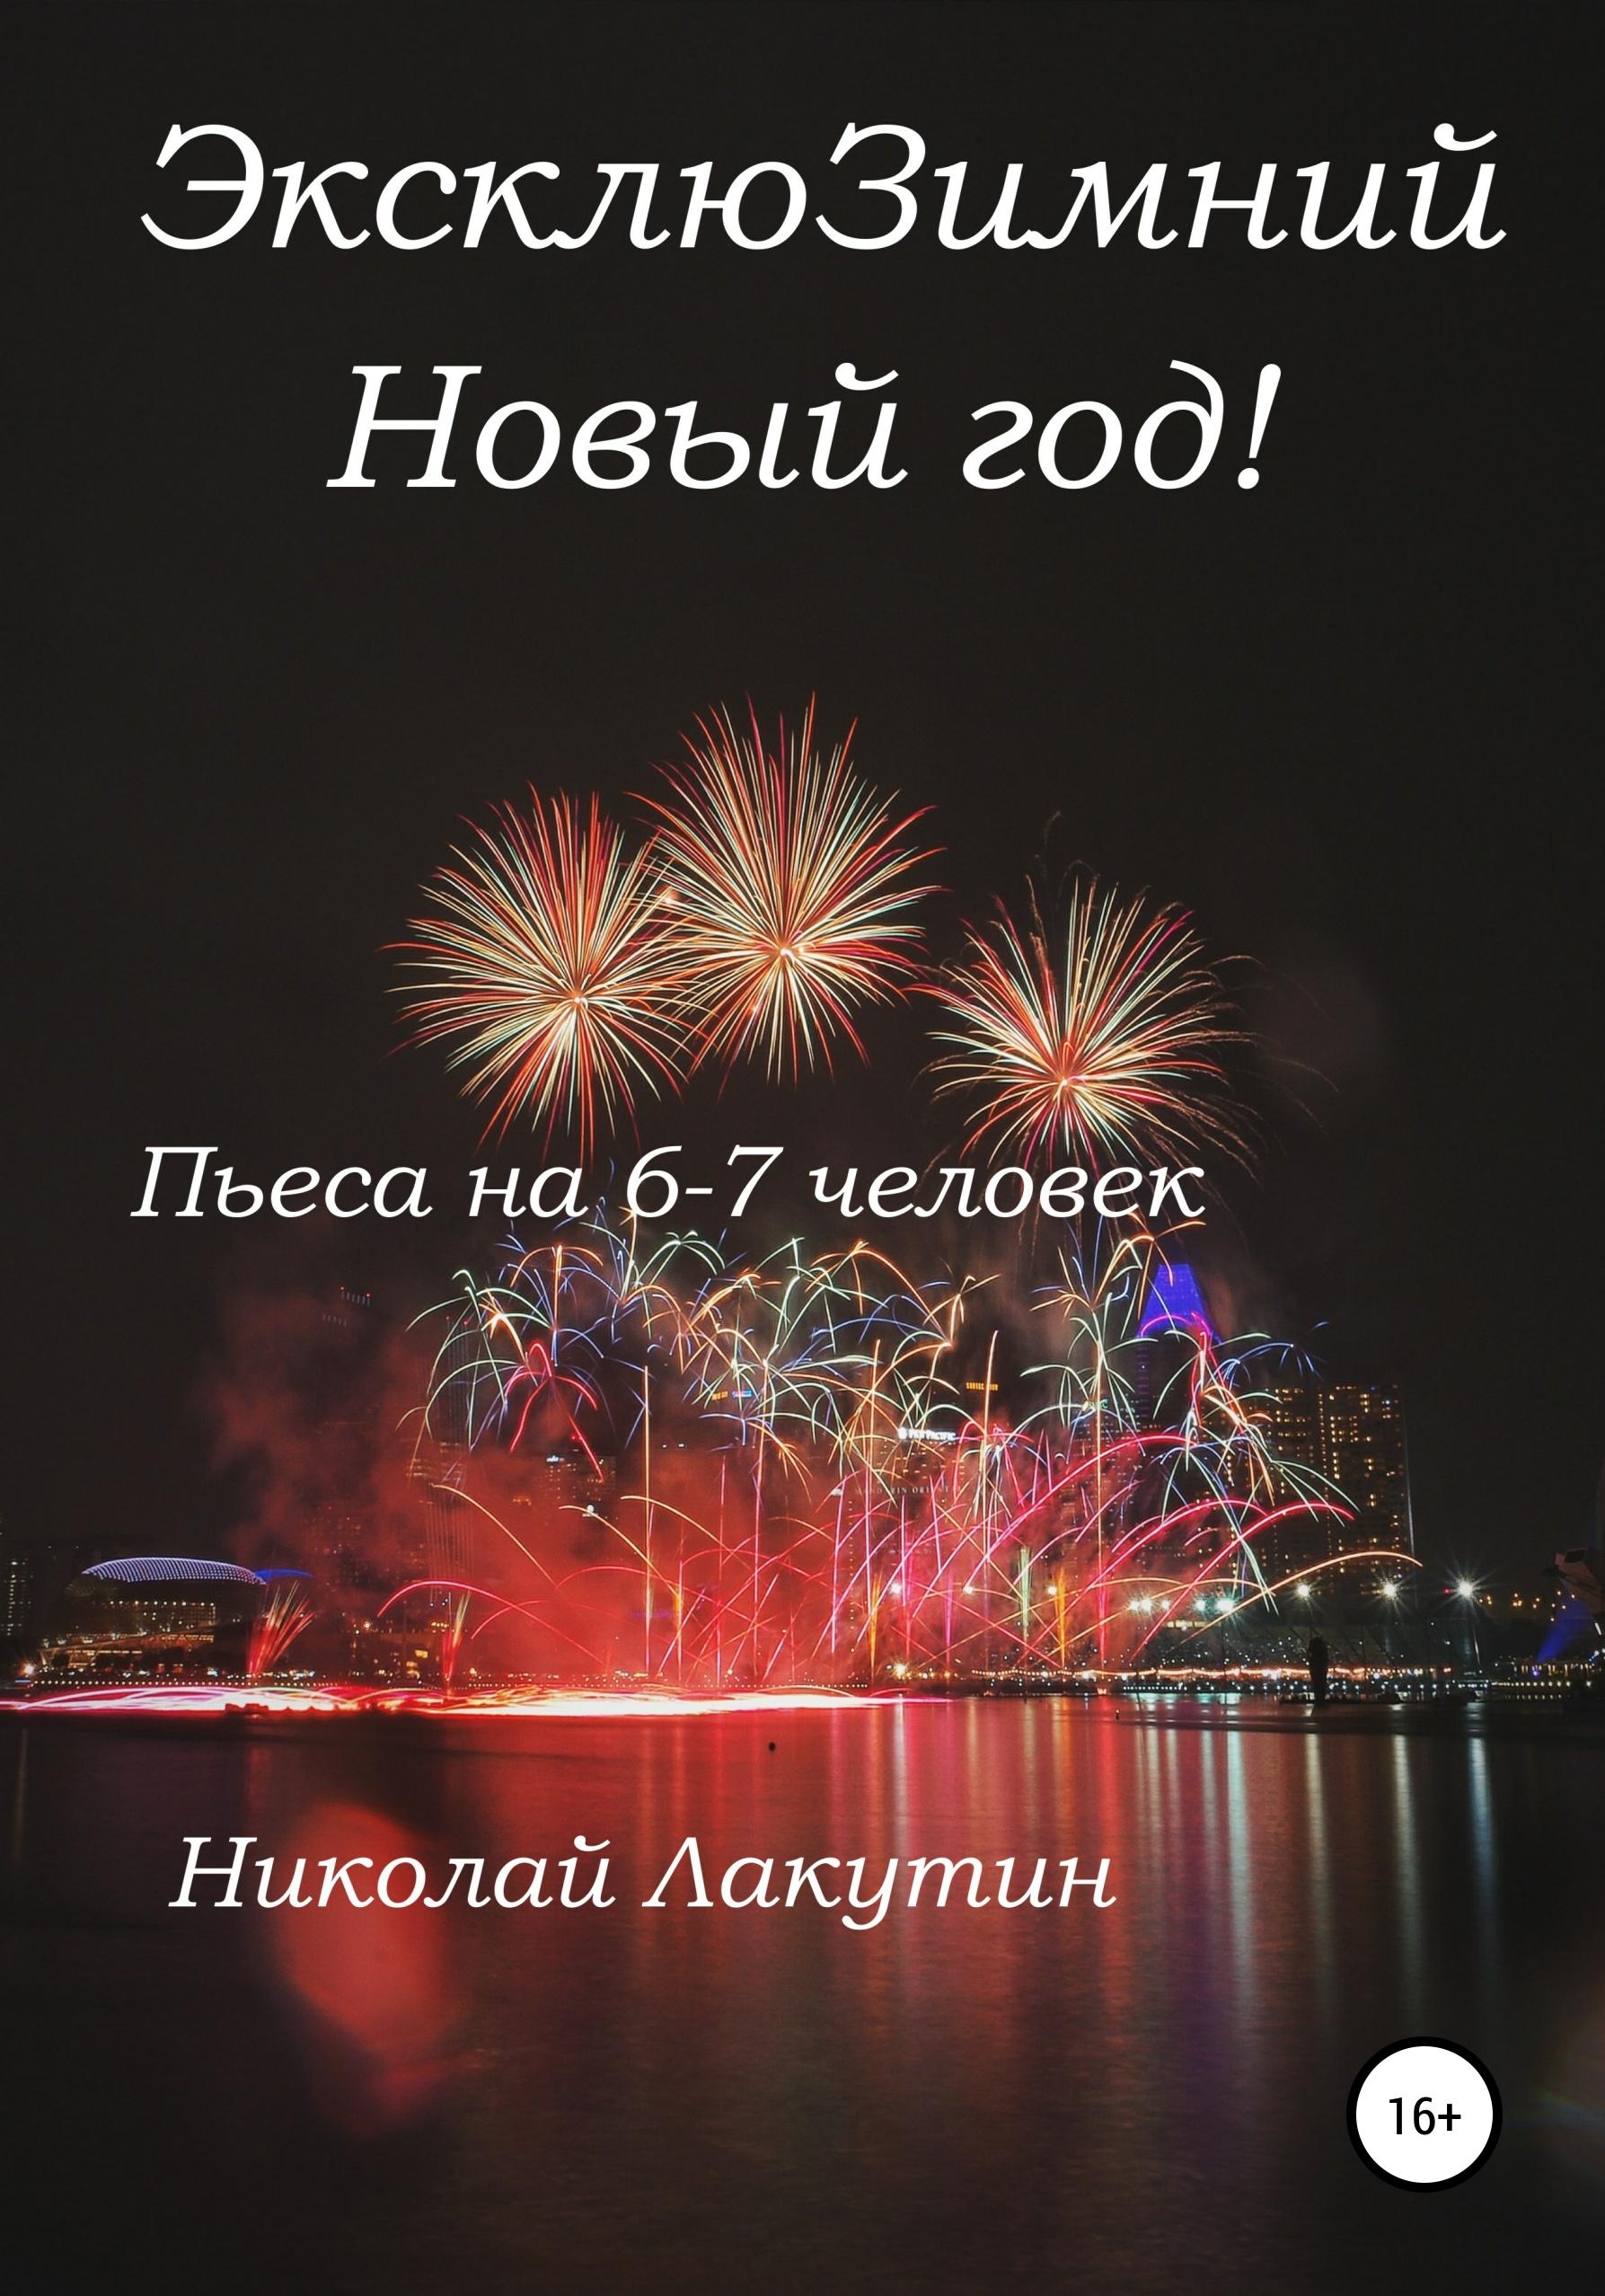 Купить книгу ЭксклюЗимний Новый год. Пьеса на 6-7 человек, автора Николая Владимировича Лакутина